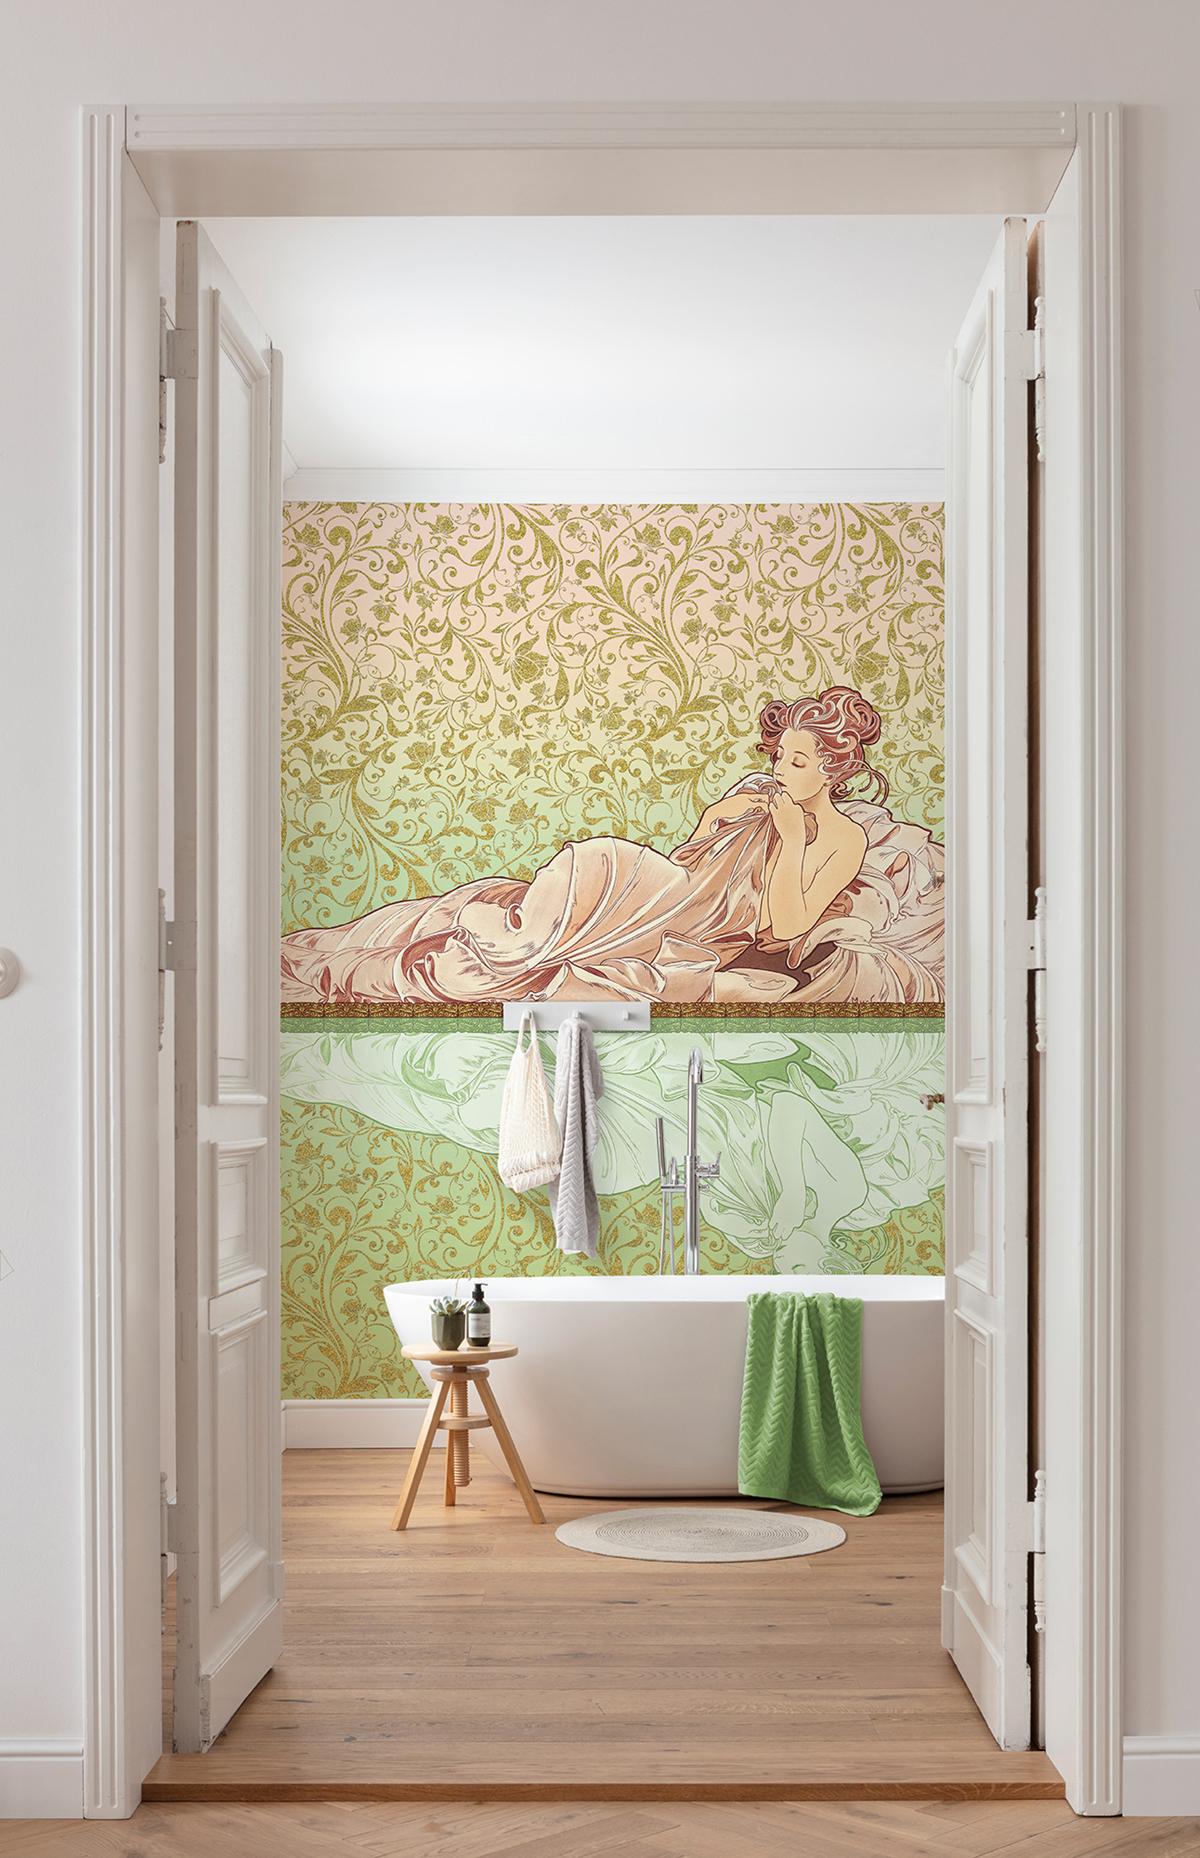 Papier peint panoramique rétro Réflexion - Papier peint Komar Heritage AMB